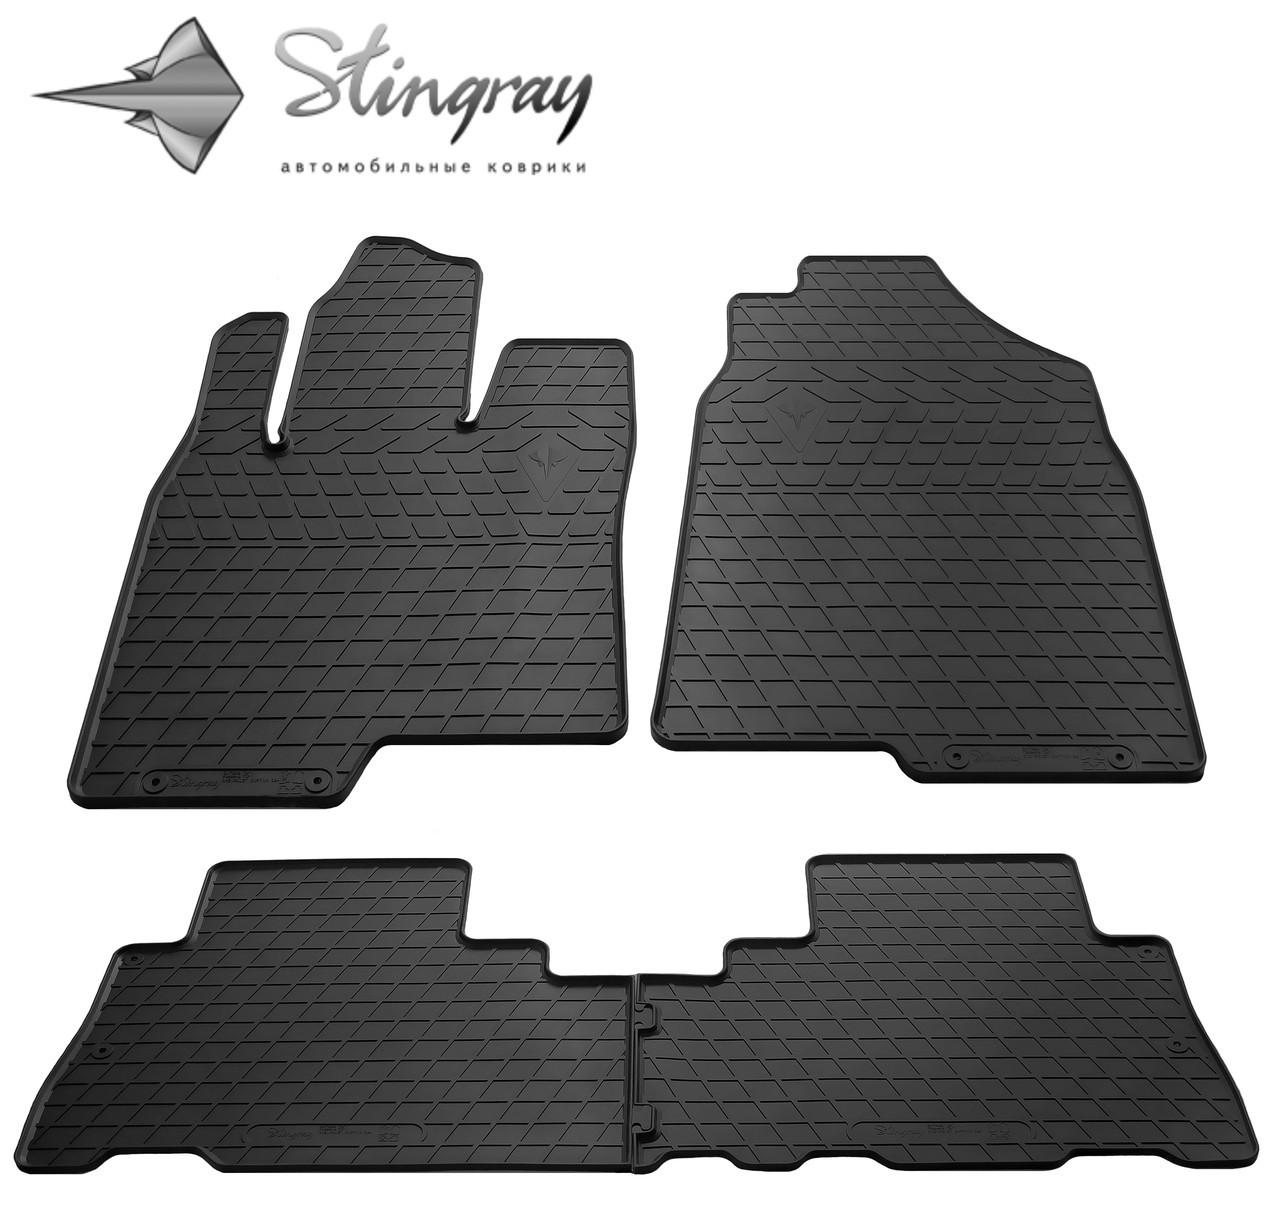 Автомобильные коврики для Chevrolet Captiva 2006-2011 Stingray